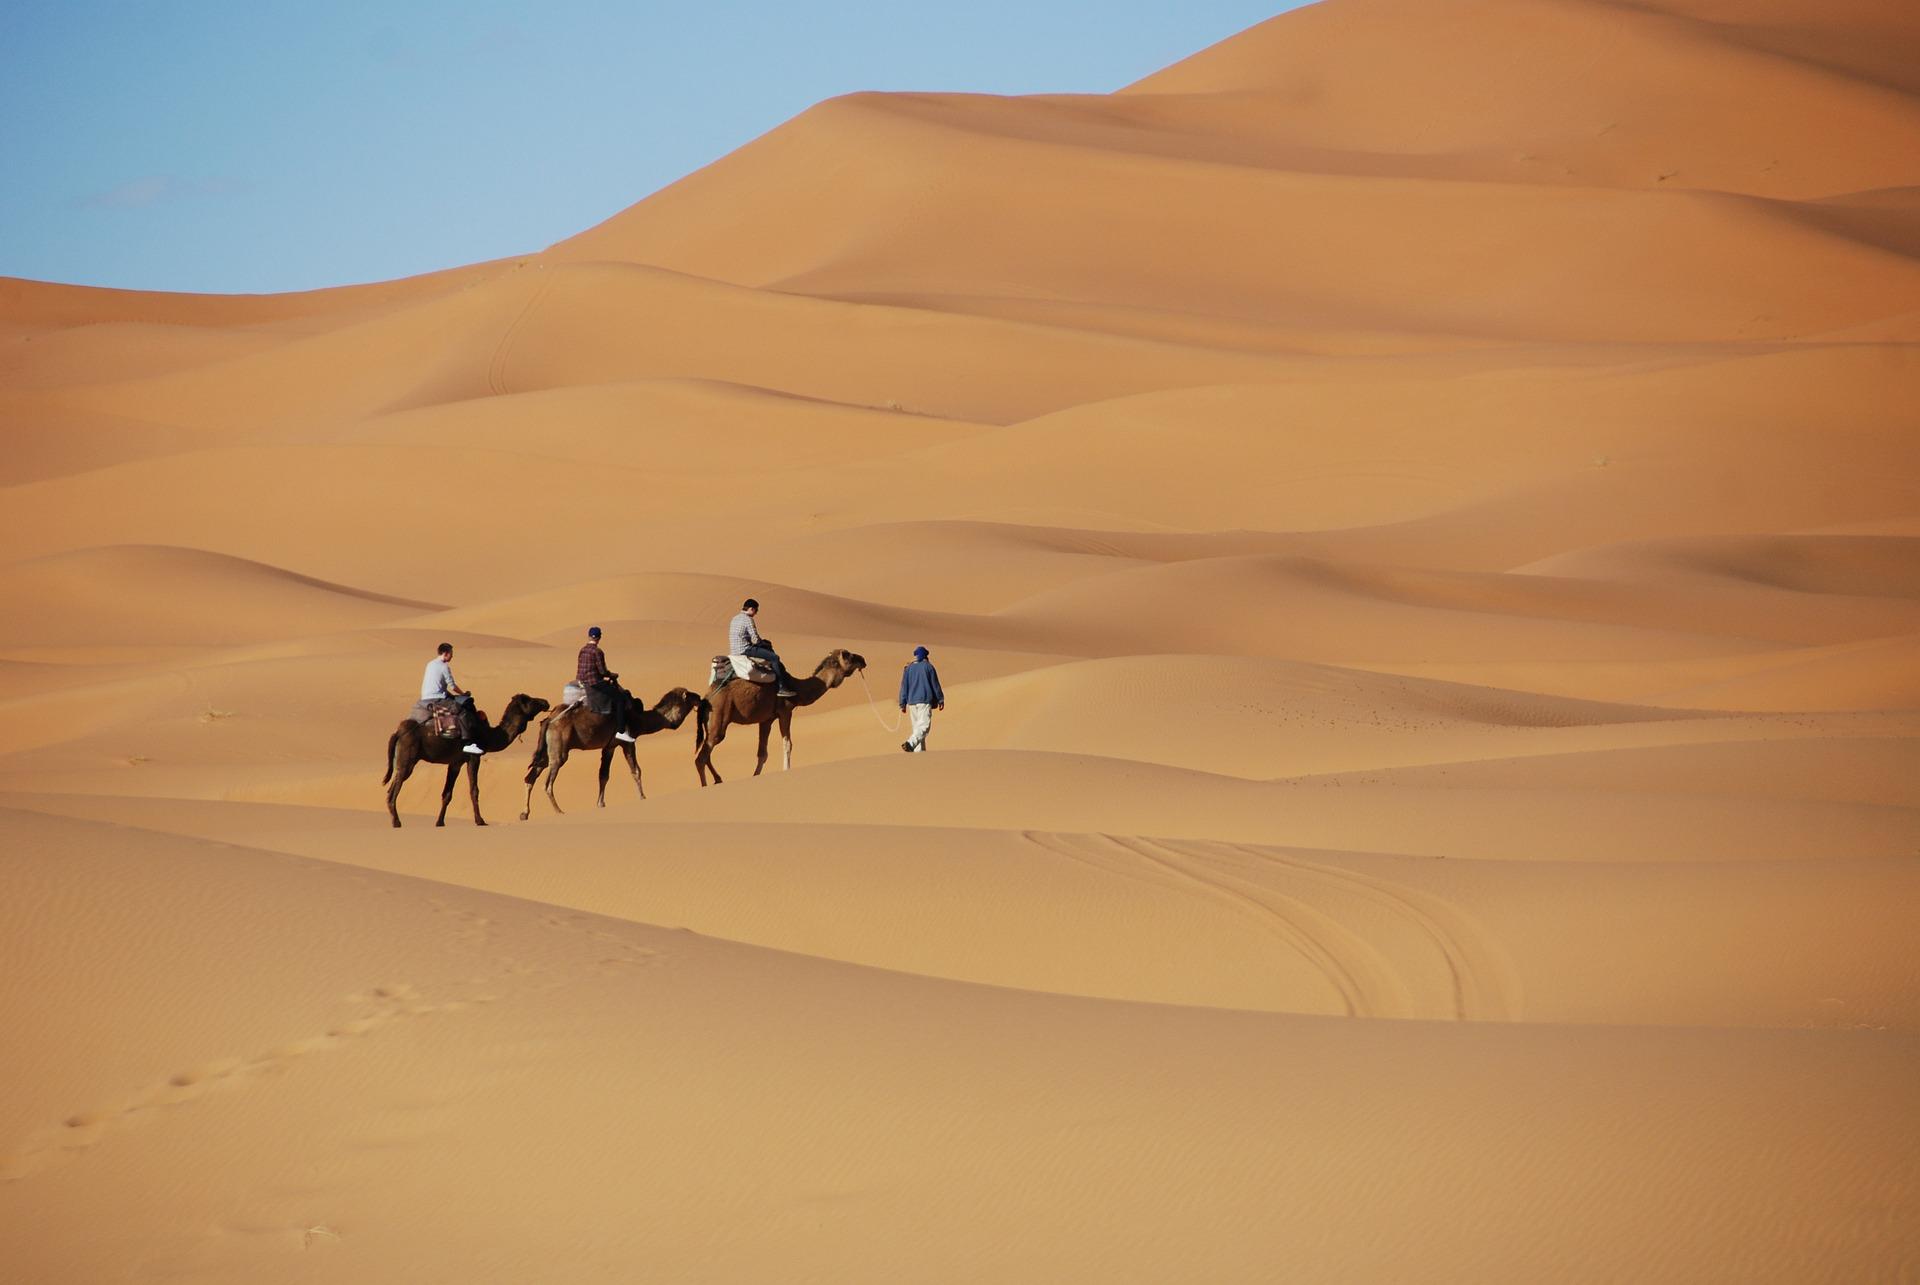 Wyjazd do Maroko